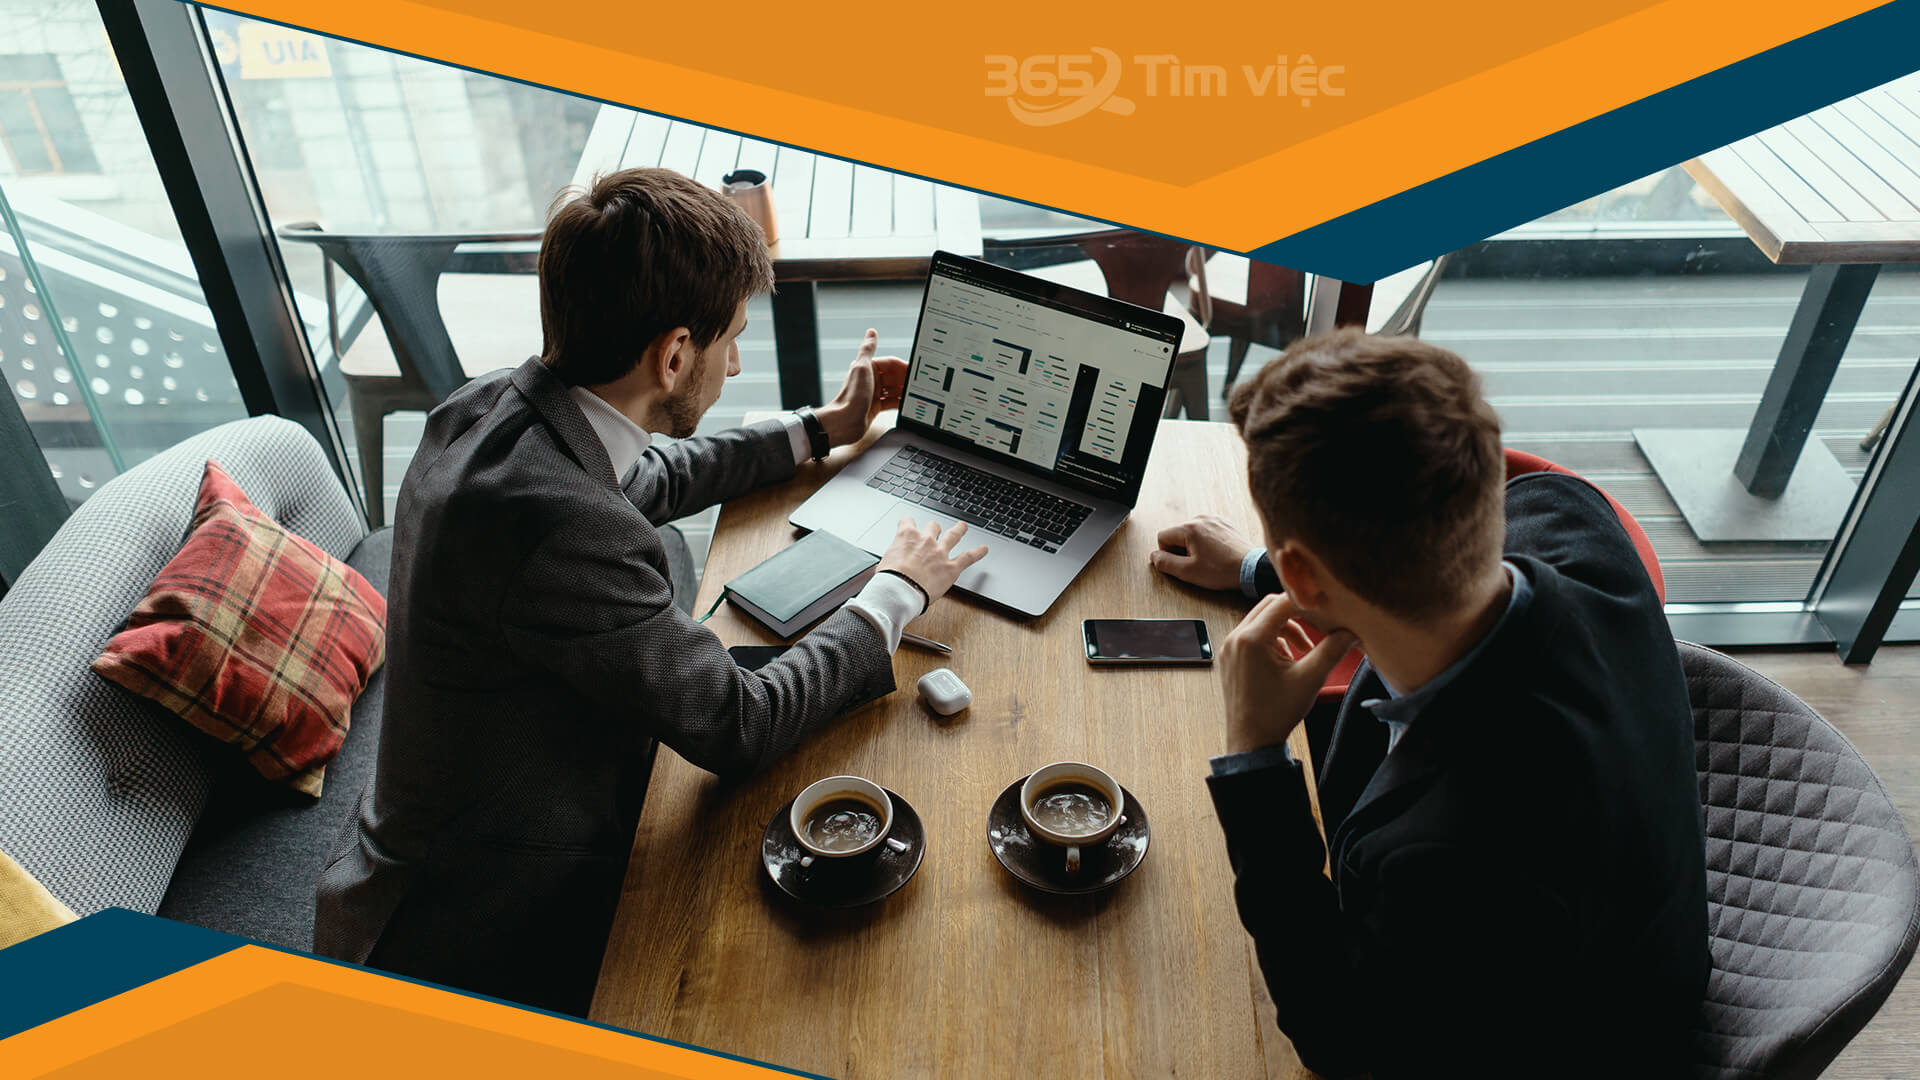 Tagline là gì - Lựa chọn thú vị cho việc làm marketing với các bạn trẻ hiện nay